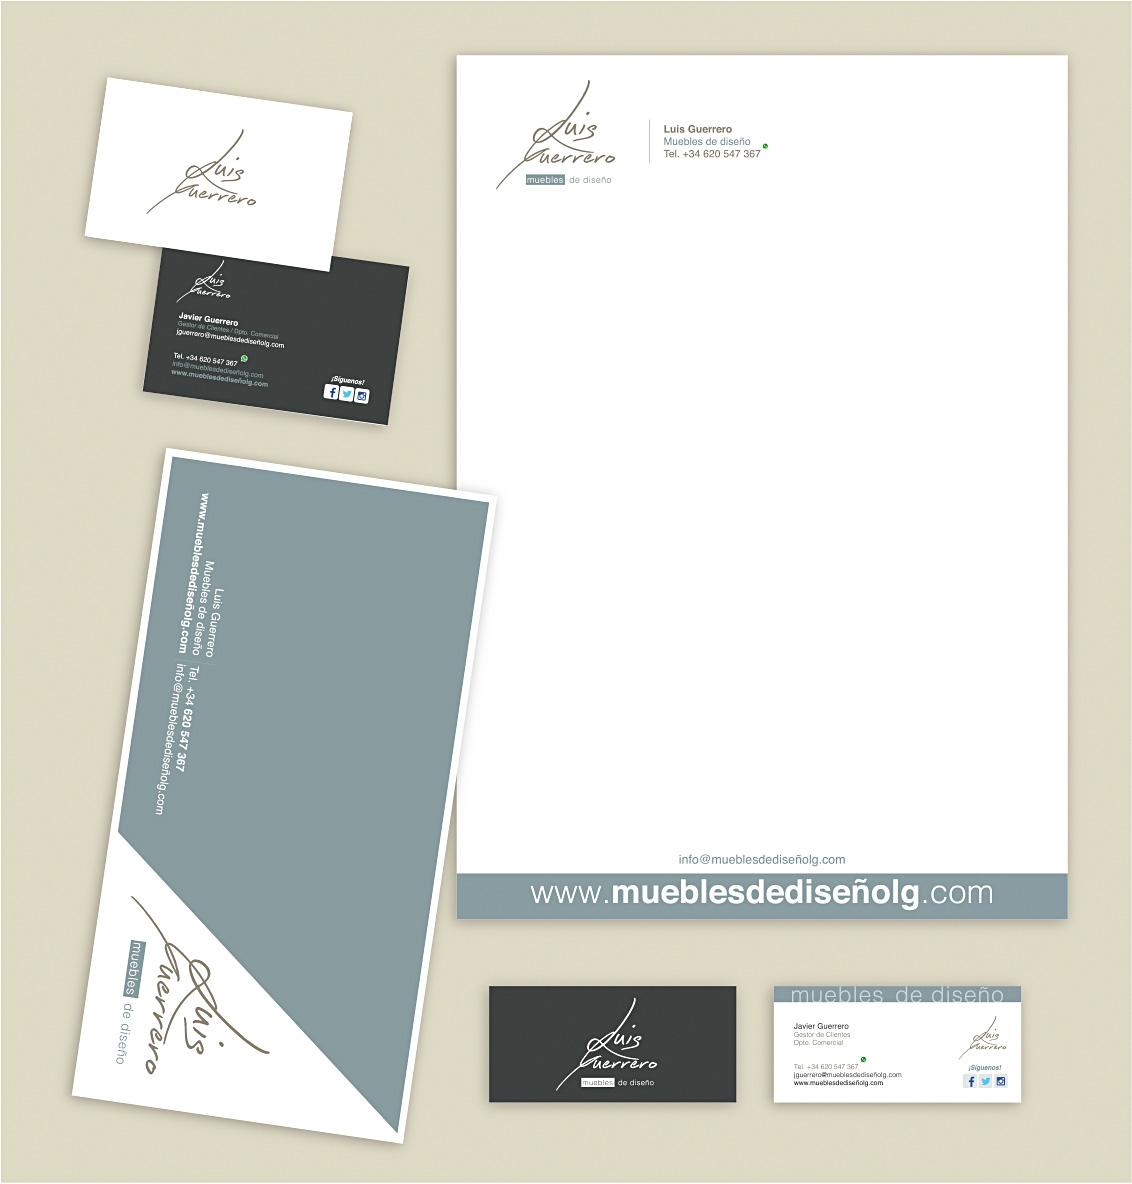 Diseño imagen corporativa, diseño identidad corporativa, estudios de diseño, papelería corporativa, impresión de tarjetas de visita, impresión de carpetas, Luis Guerrero